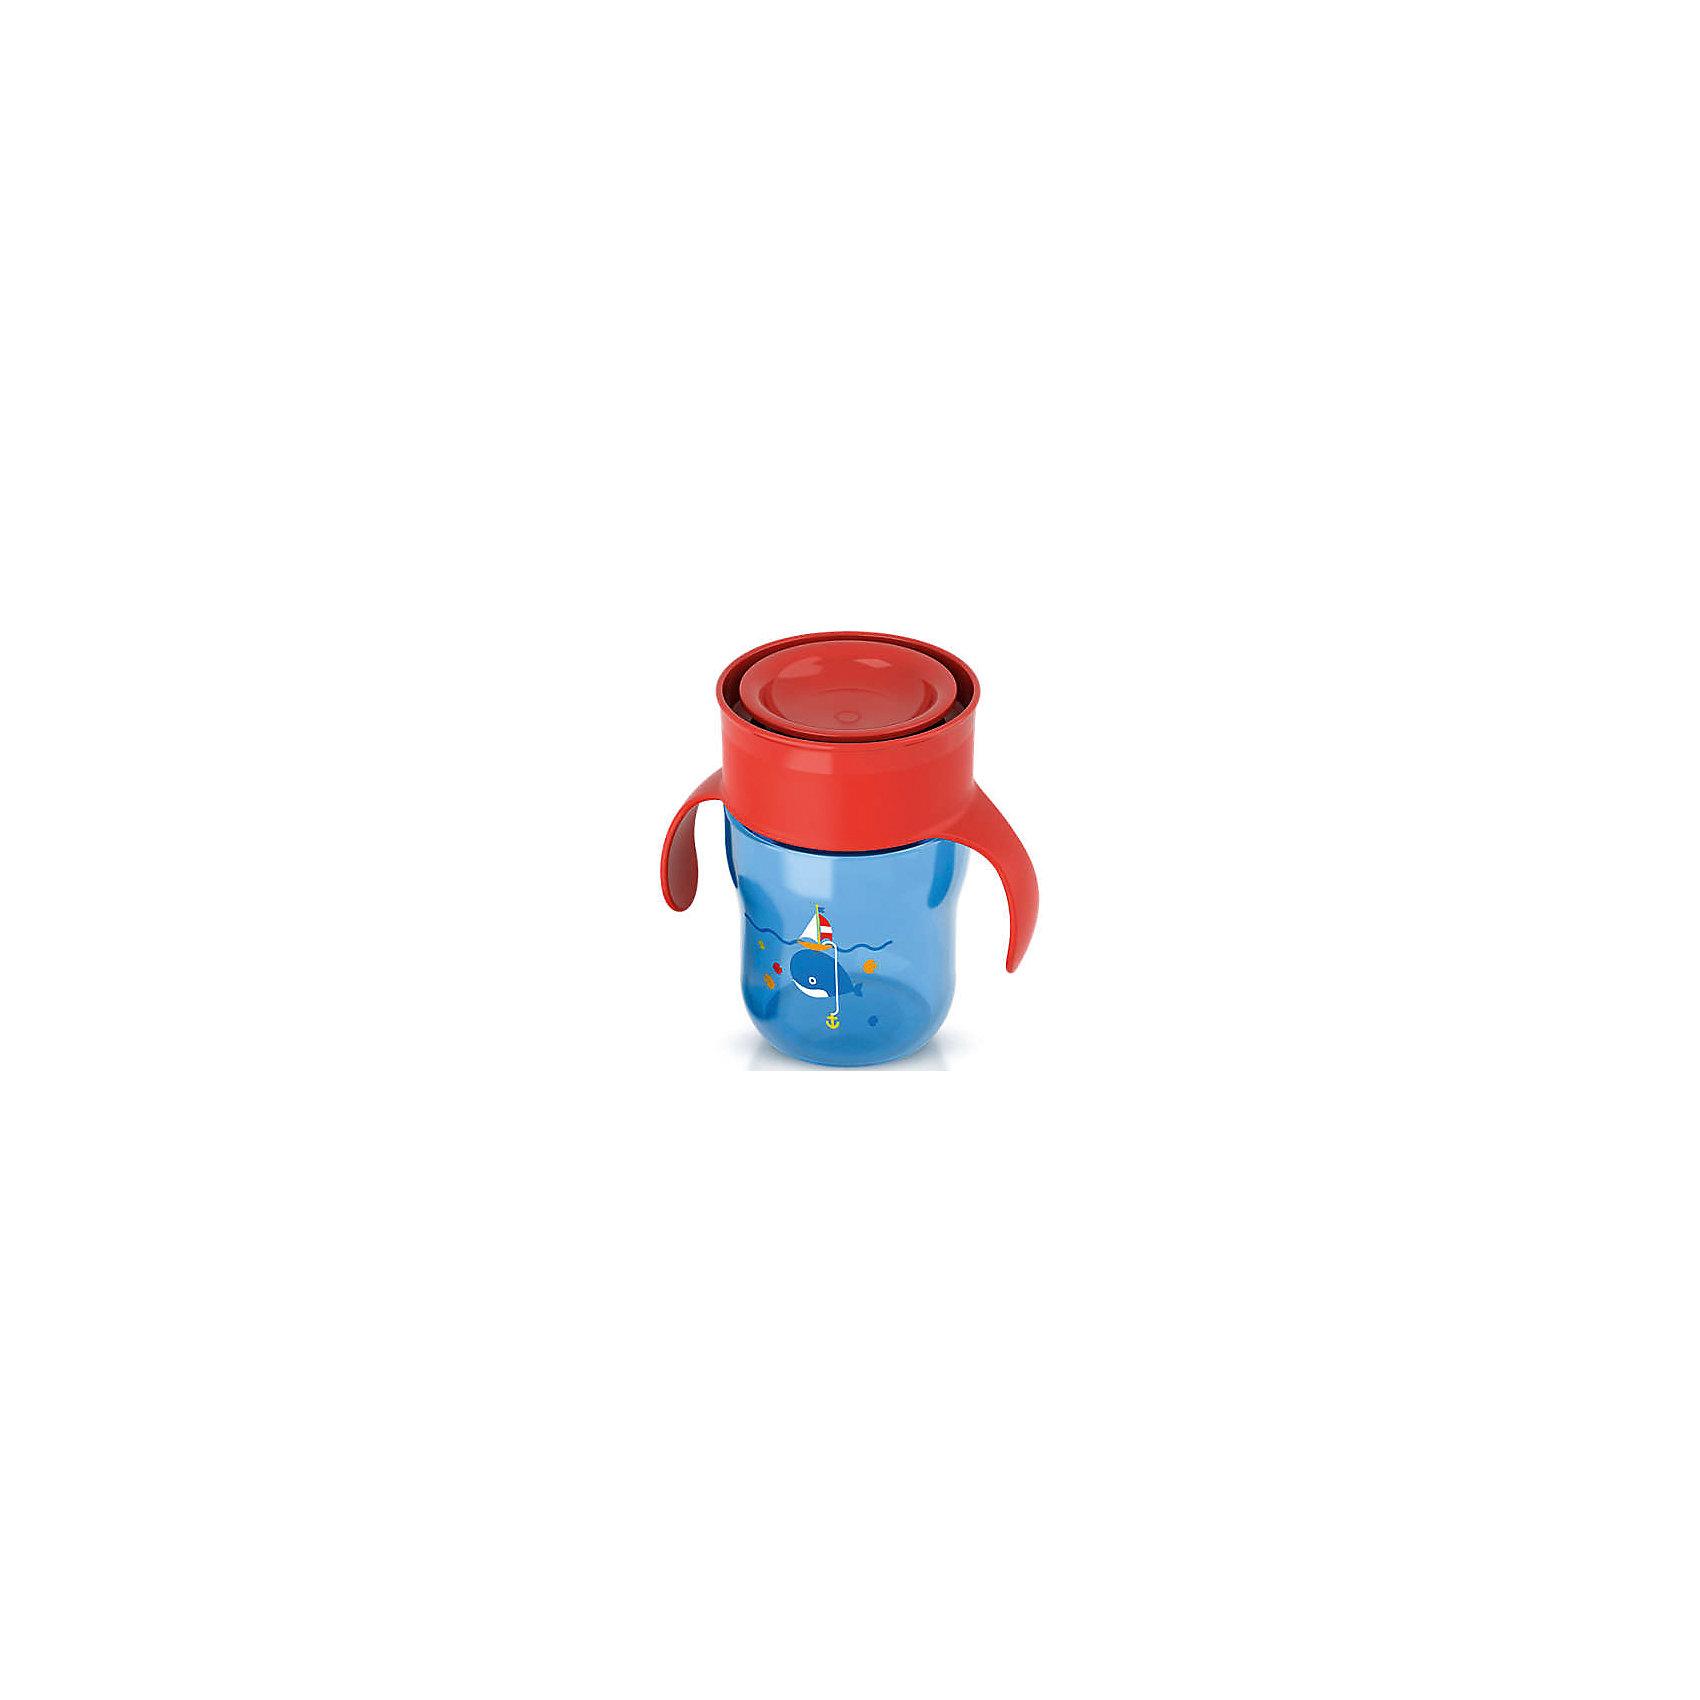 Чашка-поильник с ручками, с 12 мес., 260 мл., Philips Avent, синий/красныйОписание SCF782/20:<br>-Новая чашка для питья Philips AVENT поможет Вашему малышу научиться пить самостоятельно, как из взрослой чашки.Уникальный клапан с защитой от протекания открывается от прикосновения губ, при этом пить можно по всему краю, словно это обычная чашка.Не содержит бисфенол-А (0% BPA).Когда ребенок только начнет пользоваться чашкой, возможно, напитки будут проливаться; это нормально, так как ребенку нужно некоторое время, чтобы привыкнуть к чашке. Для быстрого обучения навыкам питья из чашки мы рекомендуем использовать ее каждый день. Для формирования данного навыка ребенку может потребоваться от нескольких недель до нескольких месяцев. Это зависит от того, как часто вы используете чашку, возраста ребенка и от самого ребенка. Рекомендовано для детей от 12 мес+.<br><br>Результат: <br>Приятное и комфортное питье. С помощью этой чашки Вы сможете легко научить ребенка пользоваться обычной чашкой: малыш может пить по всему краю, как из обычной чашки для взрослых.<br>Удобство в использовании для мамы: чашку  удобно мыть и наполнять. Небольшое количество деталей позволяет быстро ее собрать и разобрать.<br><br>Ширина мм: 150<br>Глубина мм: 70<br>Высота мм: 70<br>Вес г: 250<br>Возраст от месяцев: 12<br>Возраст до месяцев: 36<br>Пол: Мужской<br>Возраст: Детский<br>SKU: 4912898